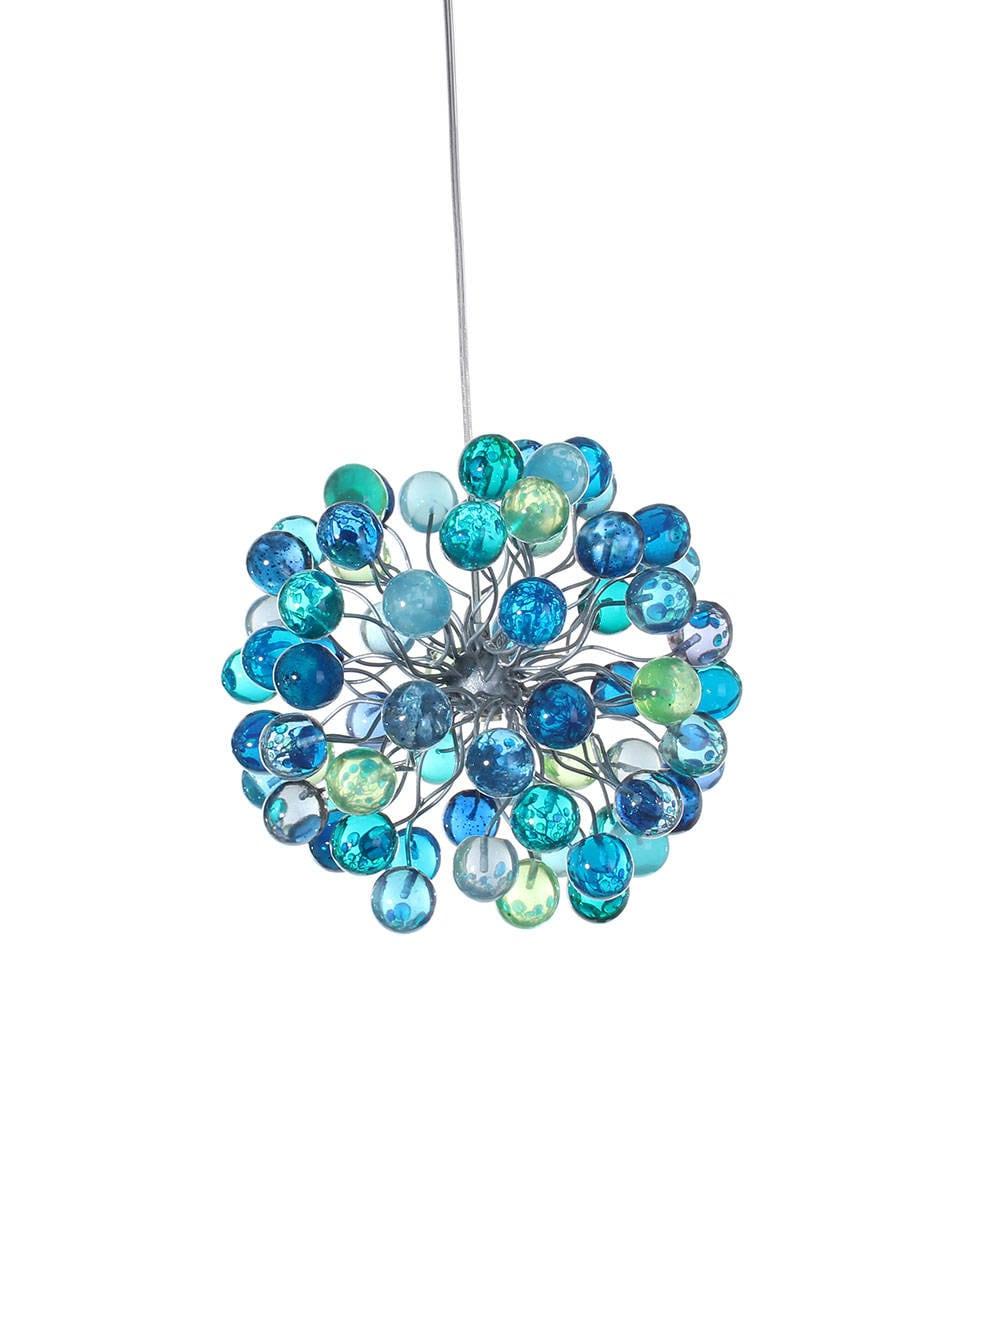 Anhänger Beleuchtung Blasen Licht Blaulicht mit Meer Farbe